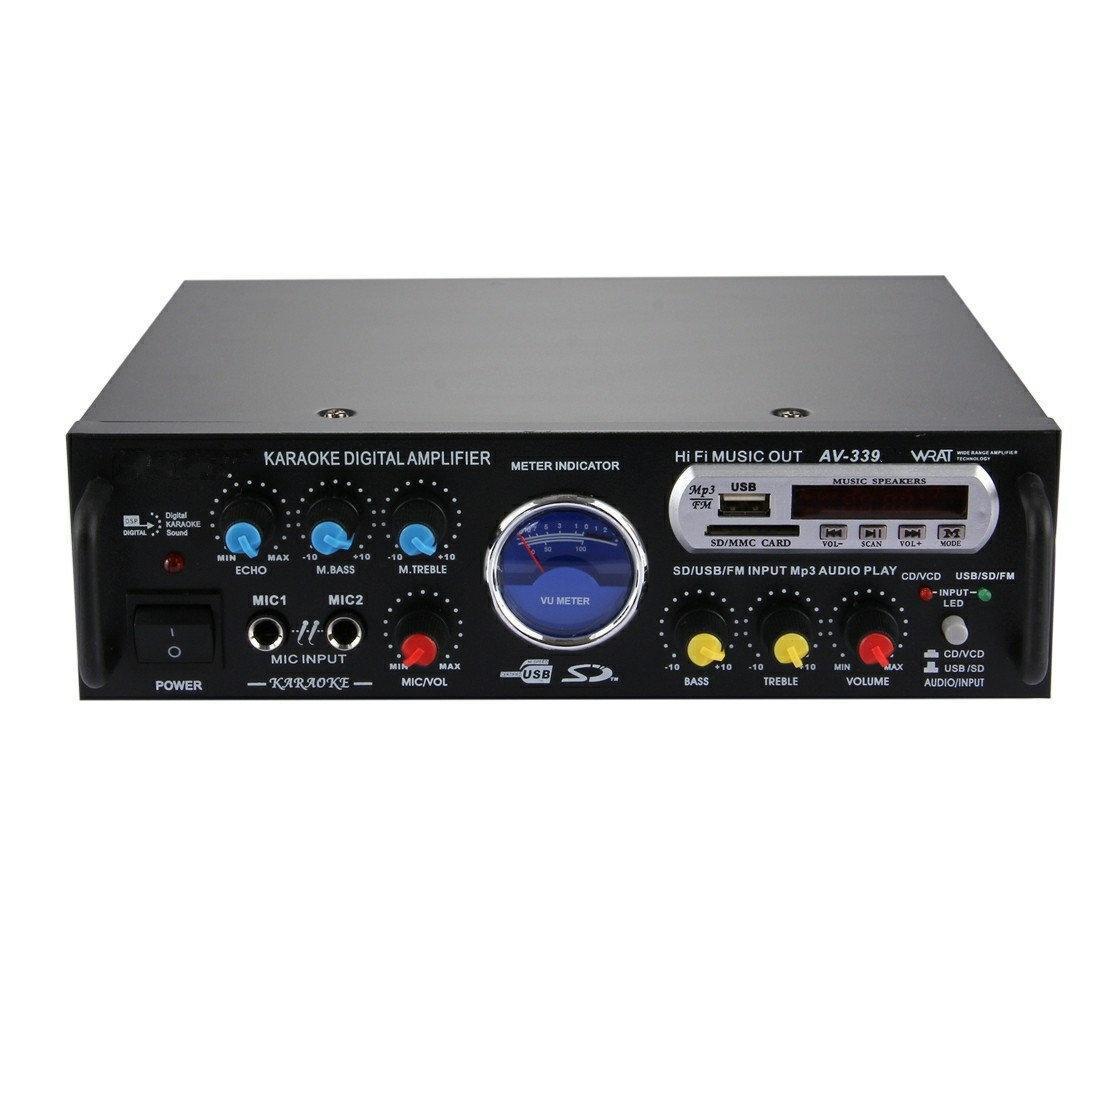 Купить Усилители звука, Усилитель мощности звука UKC AV-339BT 300W + караоке на 2 микрофона